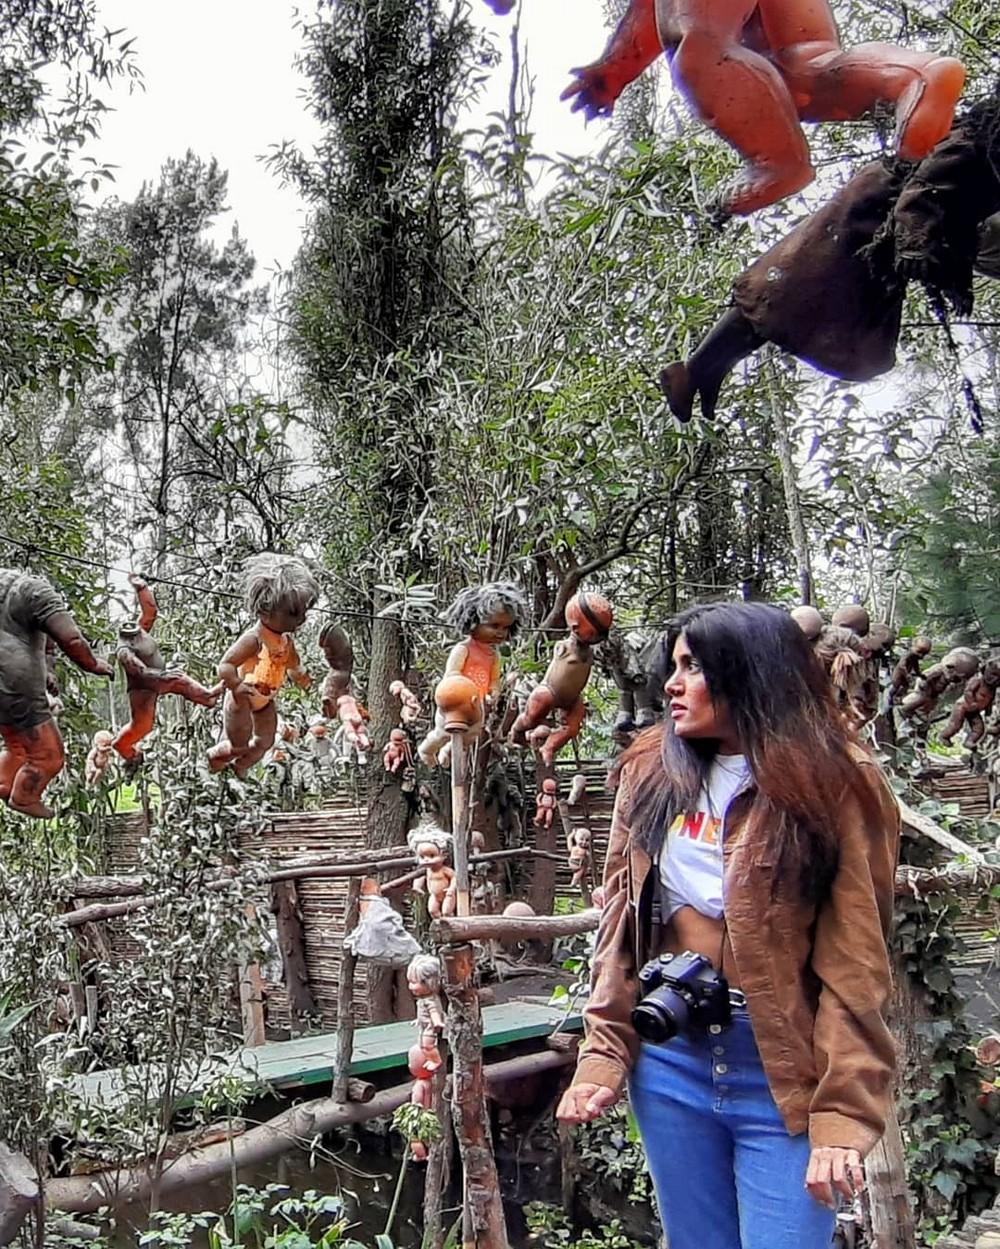 Жуткий мексиканский «остров кукол», где слышатся крики утопленников